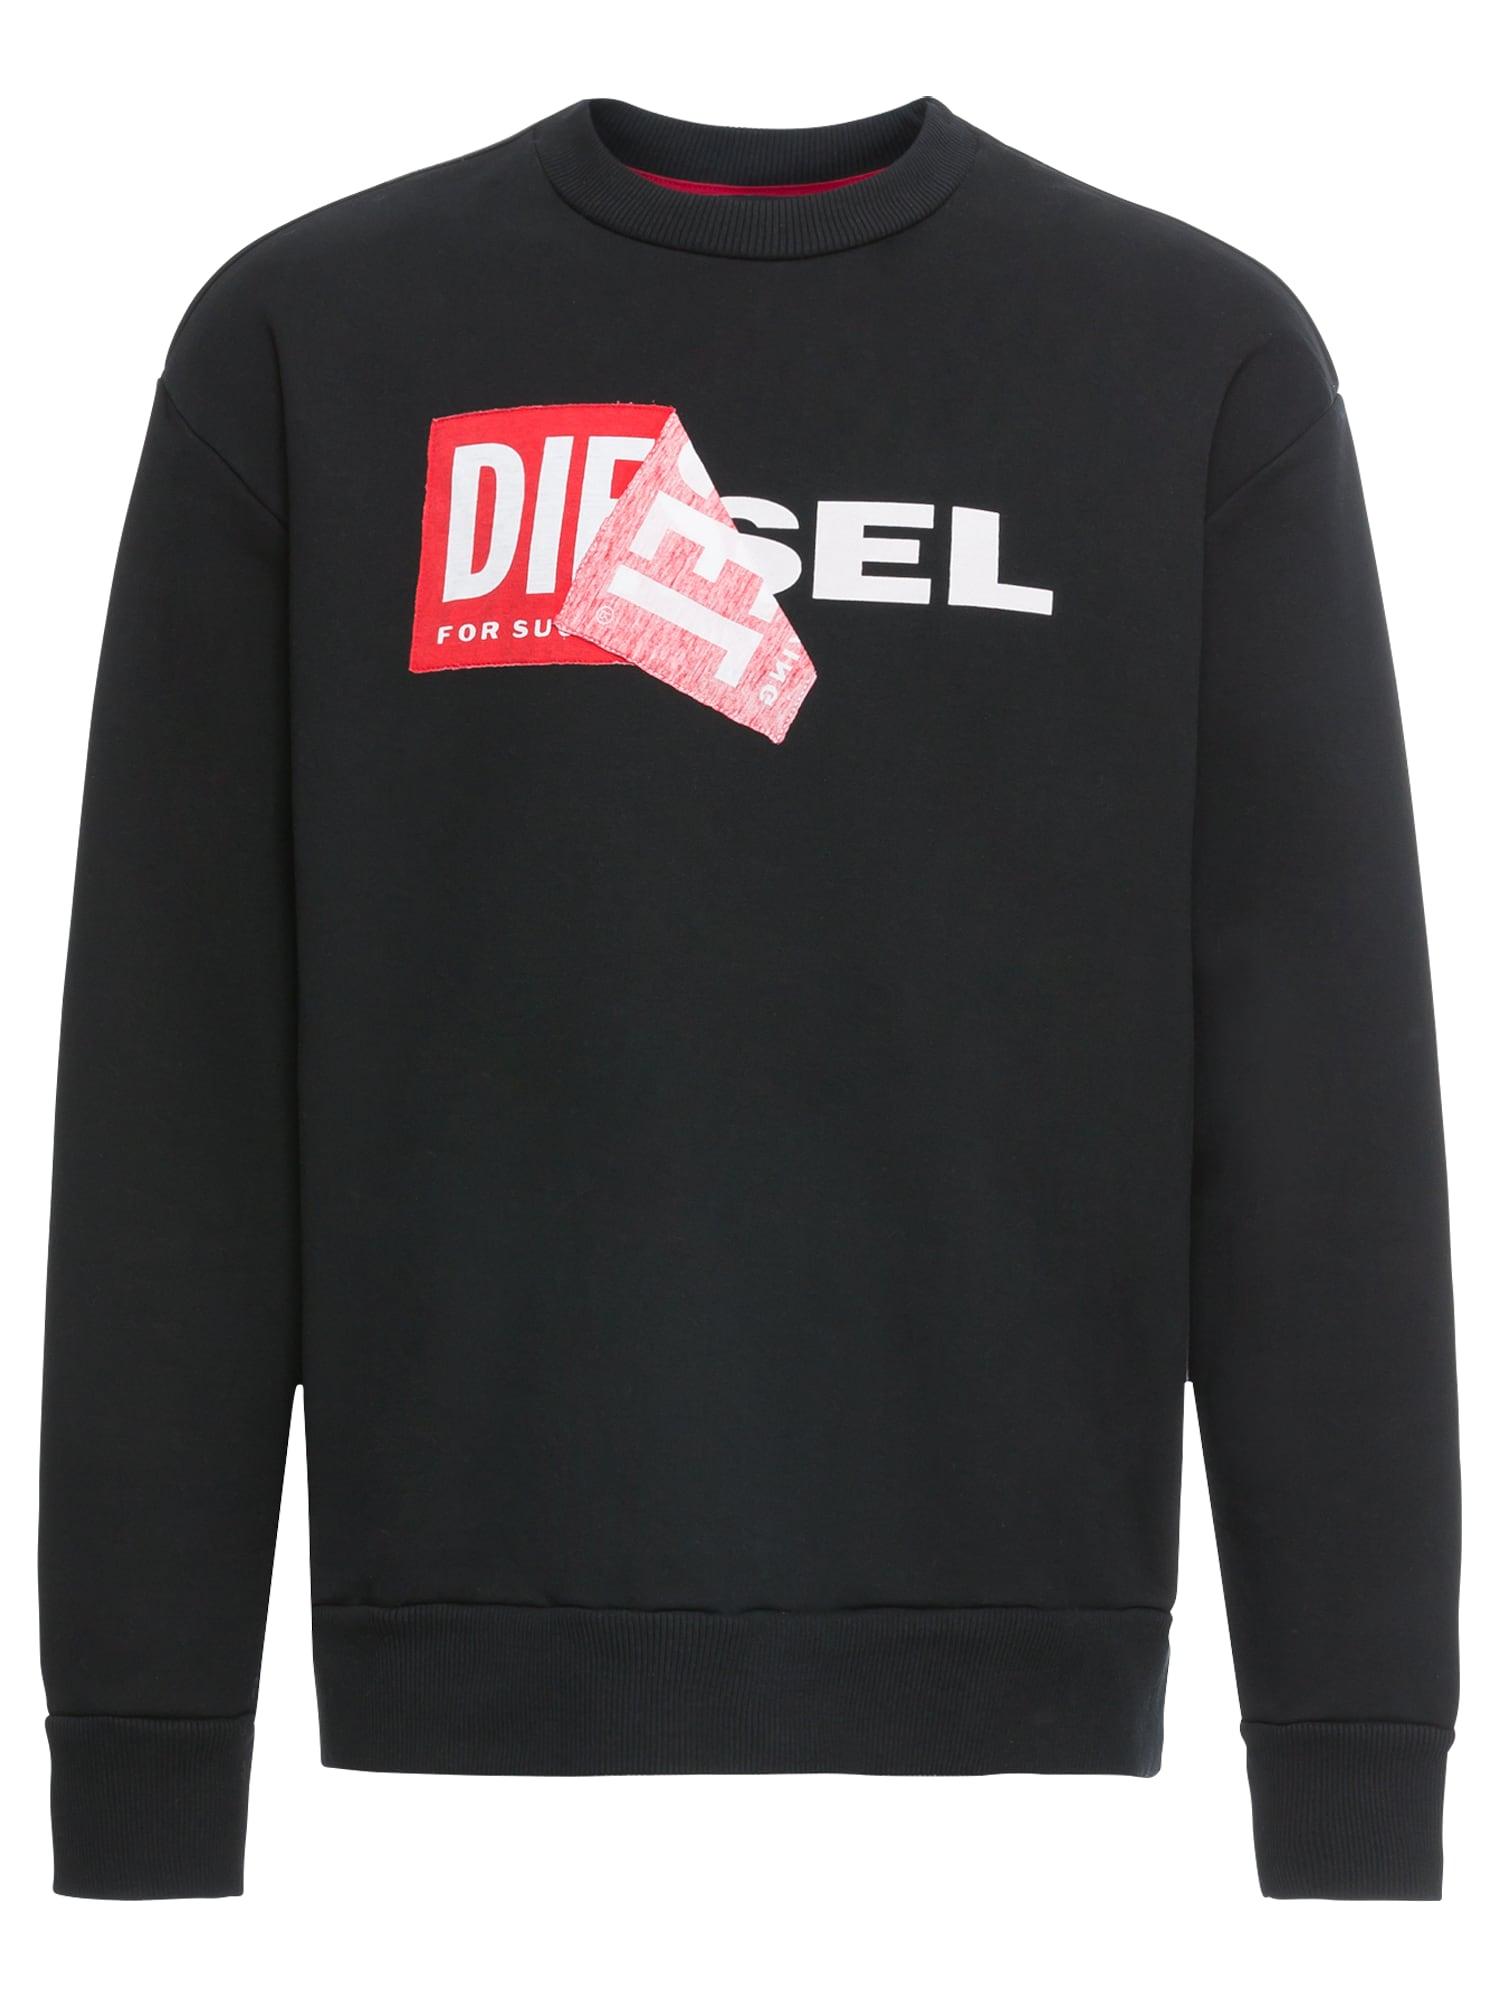 Sweatshirt 'S-SAMY' | Bekleidung > Sweatshirts & -jacken > Sweatshirts | Rot - Schwarz - Weiß | Diesel